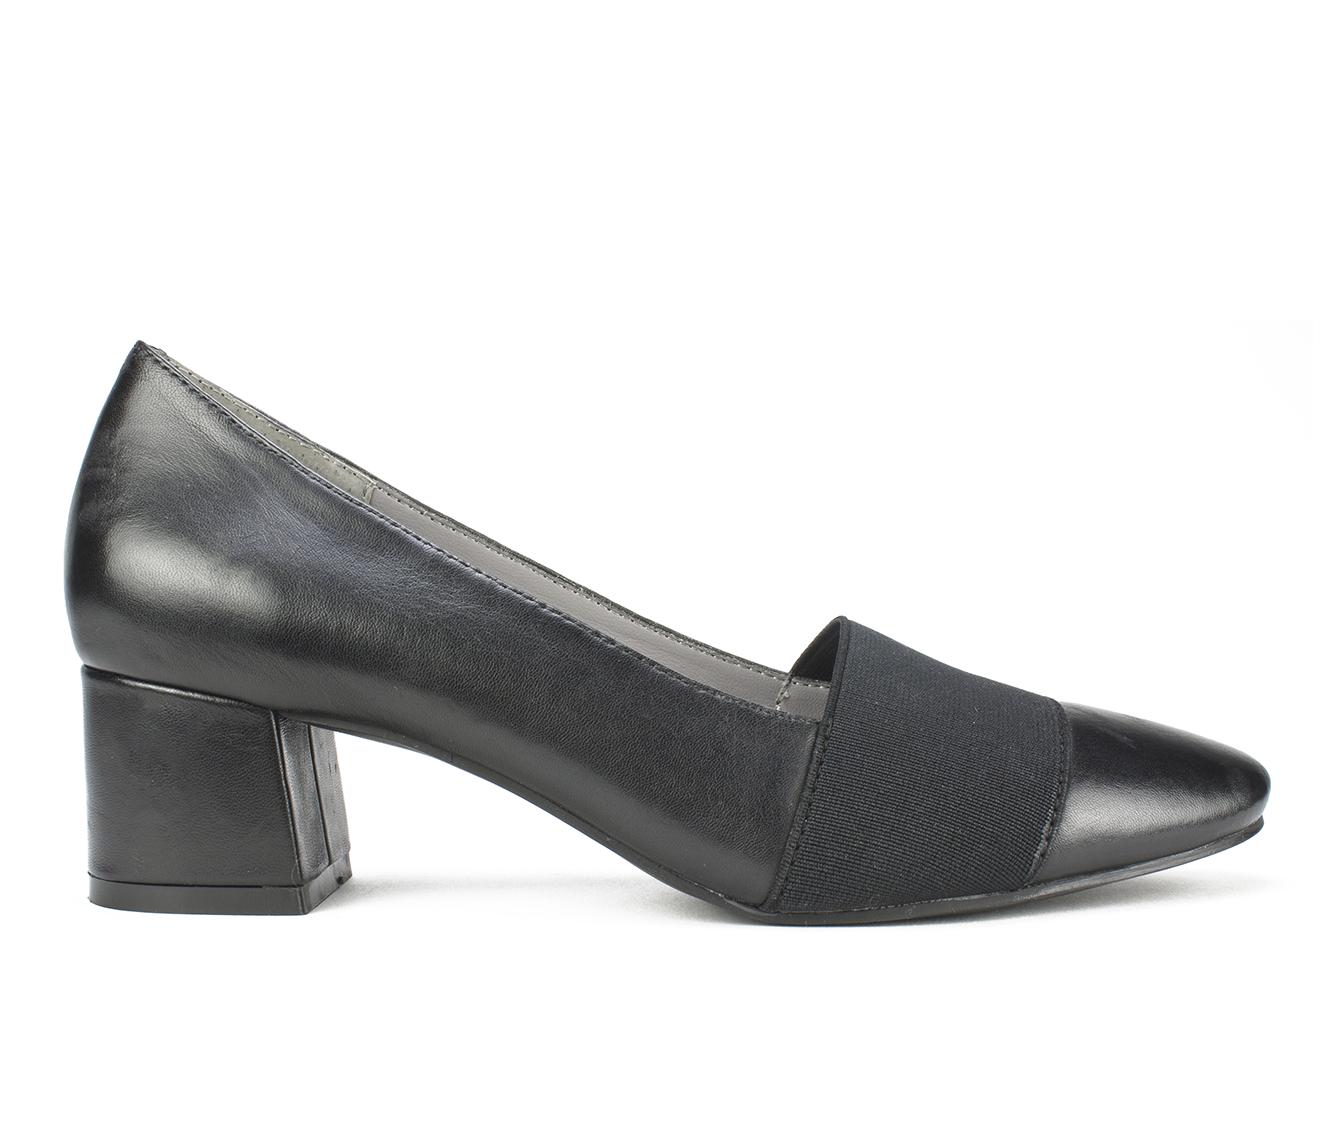 Cliffs Vivian Women's Dress Shoe (Black Leather)